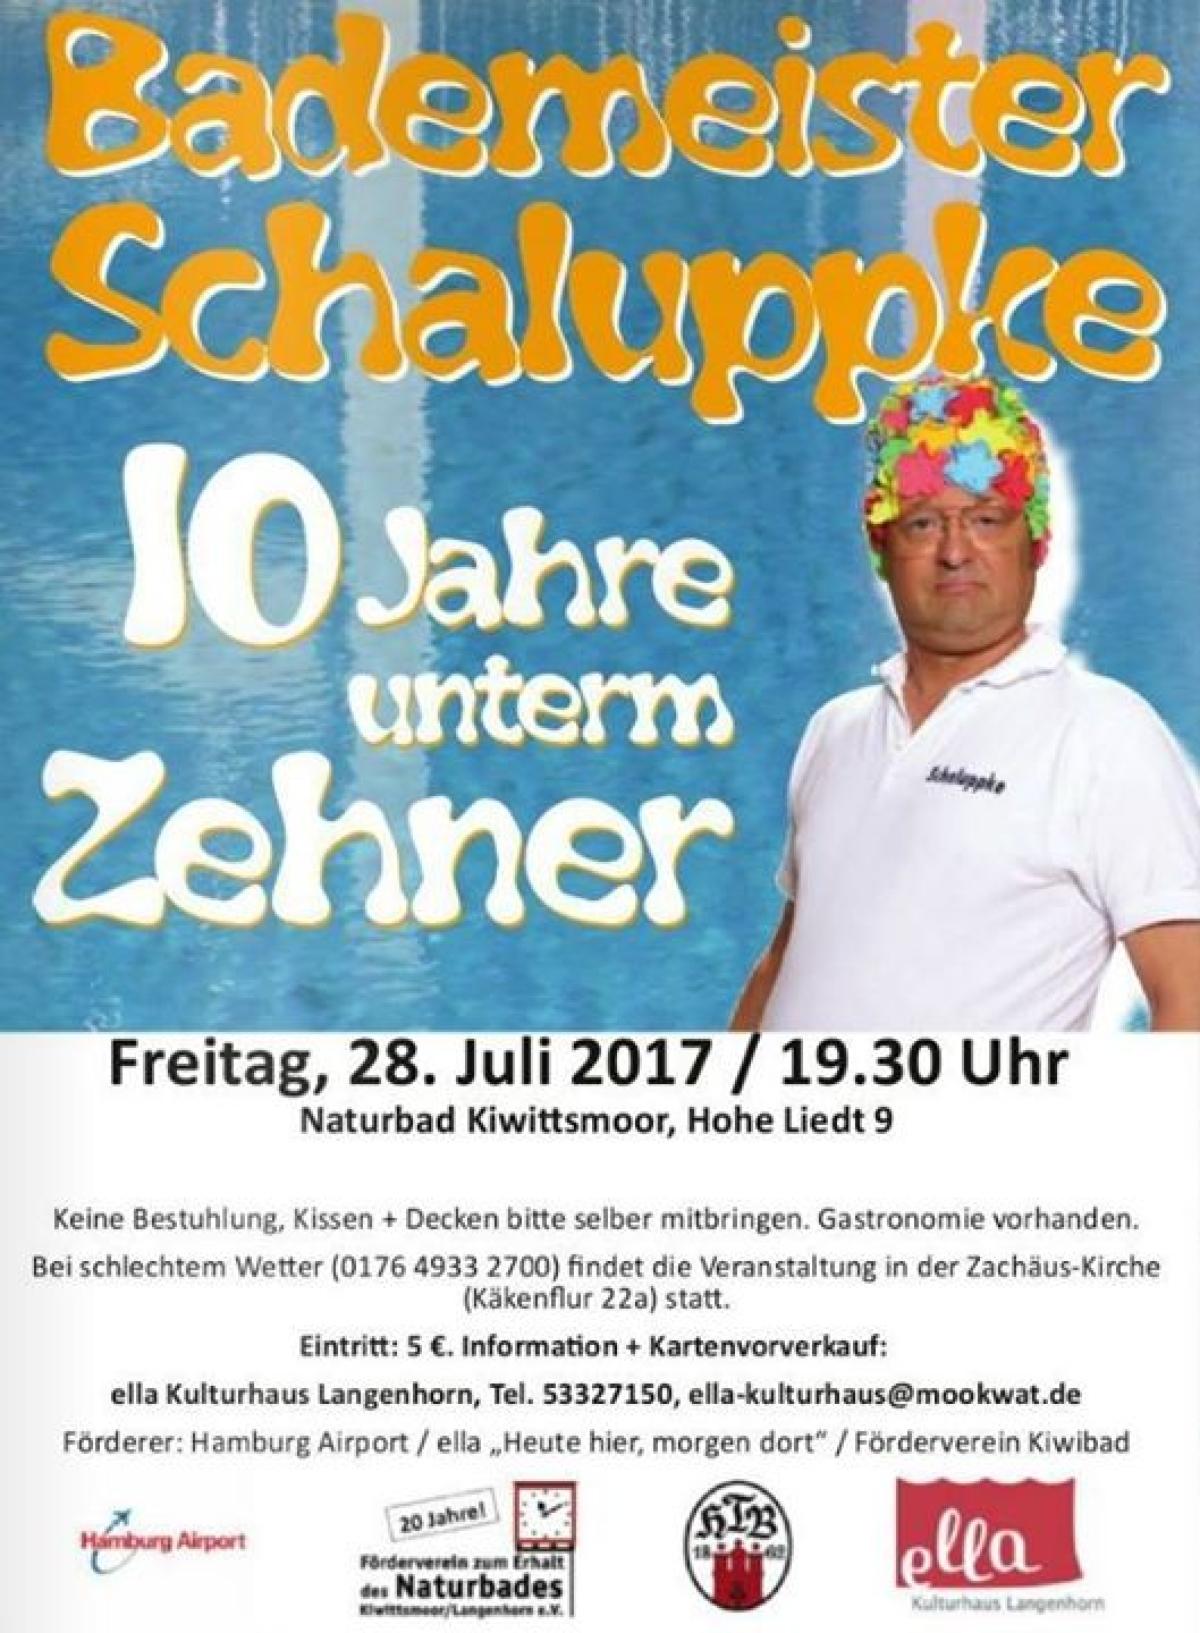 Veranstaltungsbild zu Bademeister Schaluppke